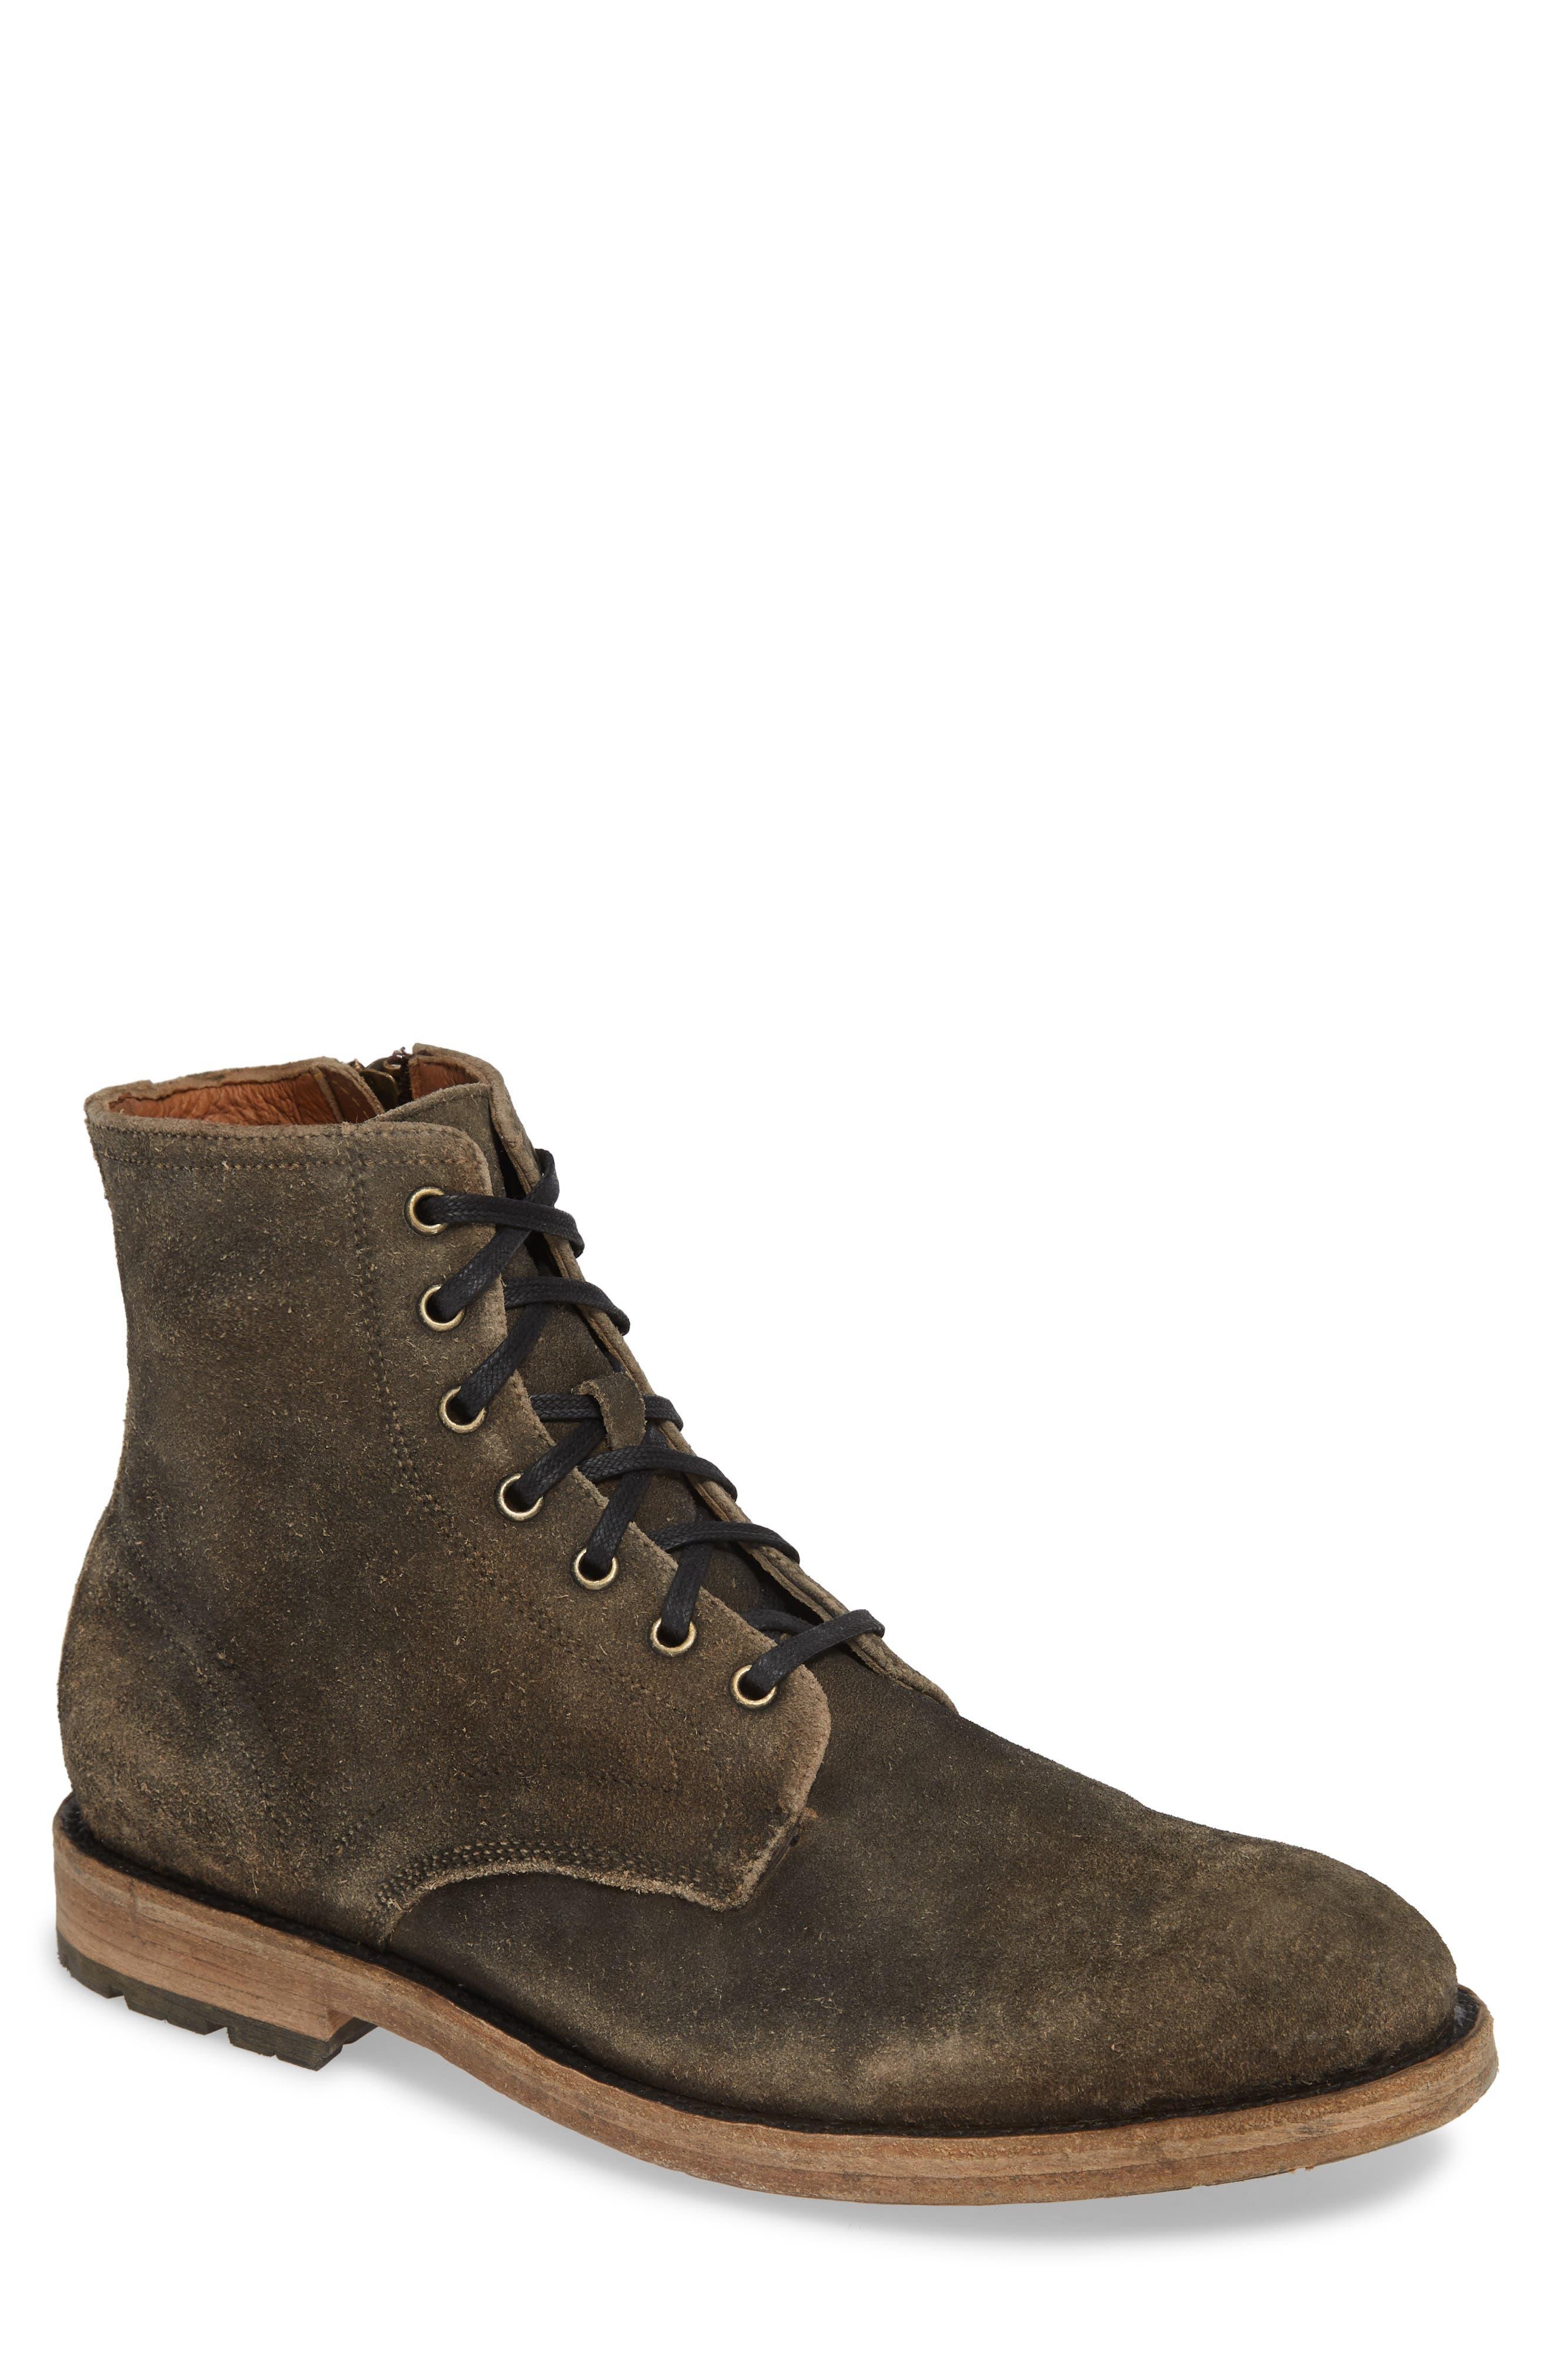 Frye Bowery Combat Boot